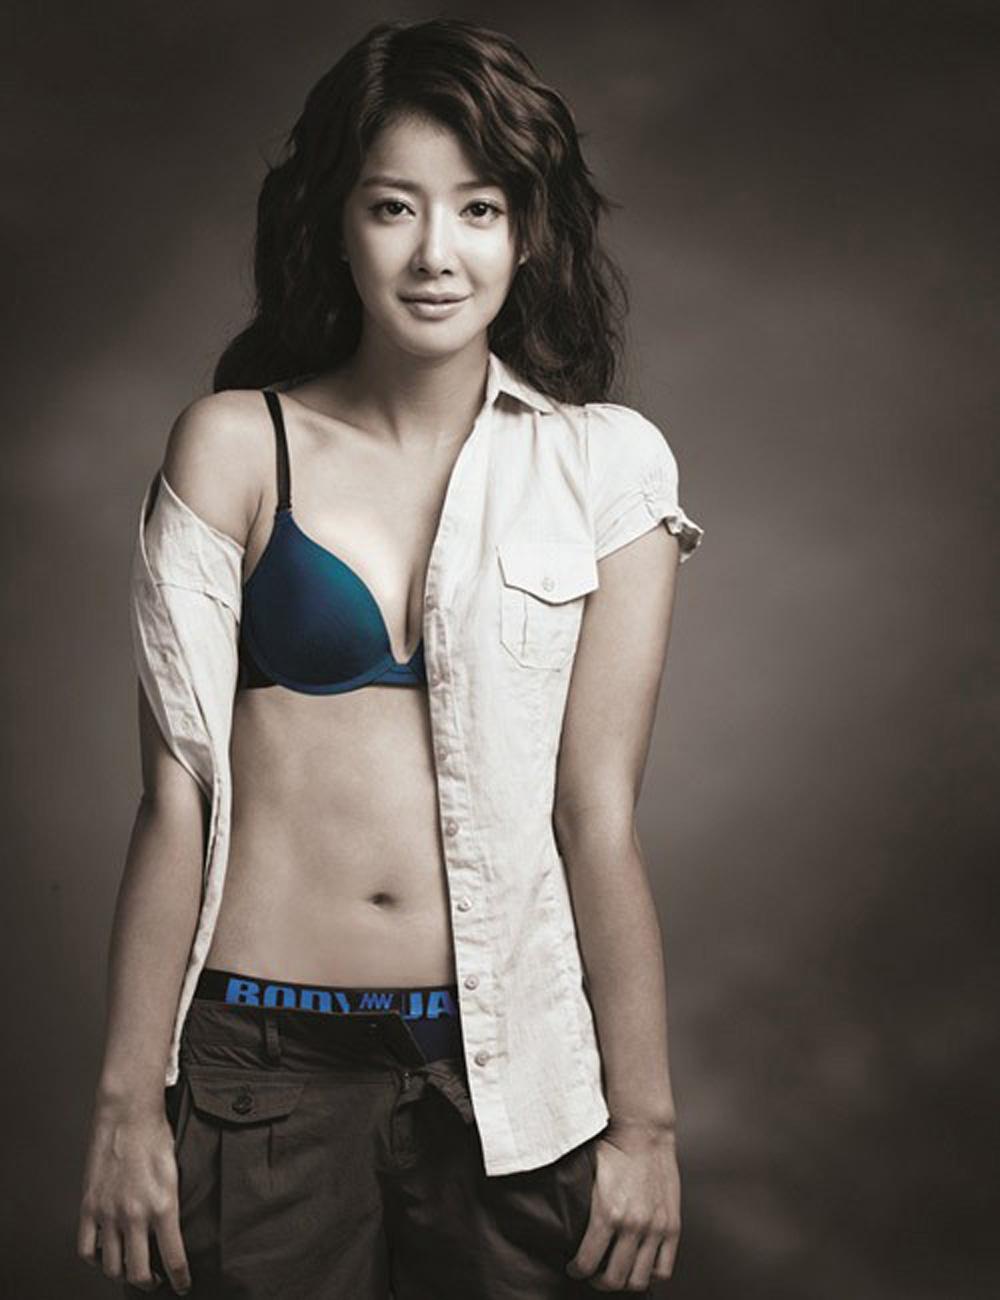 Mỹ nhân màn ảnh Hàn Quốc mê đấm bốc như điếu đổ - Ảnh 4.